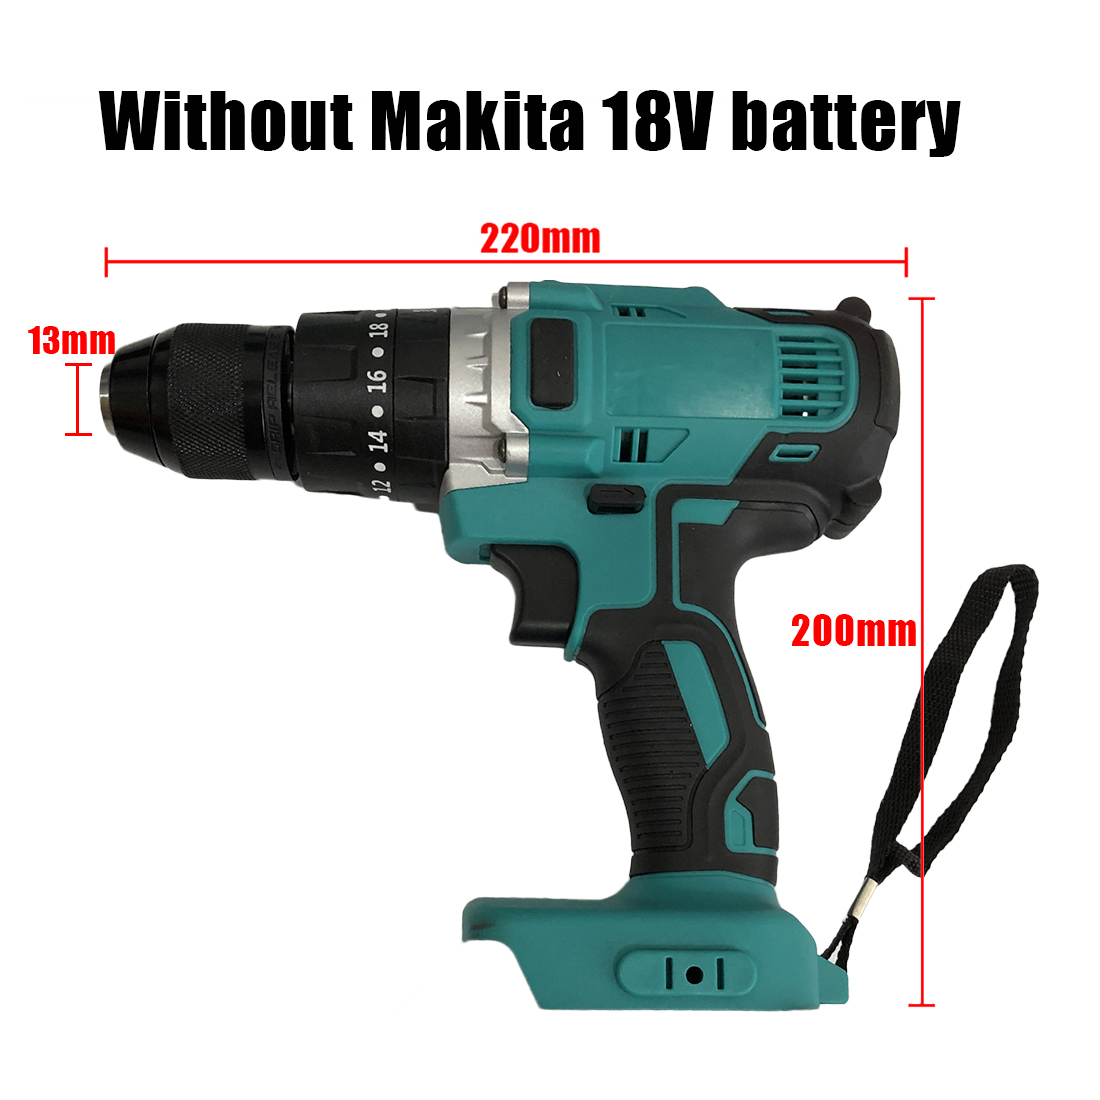 Bürstenlosen Auswirkungen Bohrer Akkuschrauber Für Makita 18-21V Keine Batterien Holzbearbeitung Werkzeuge bohren maschine 13mm